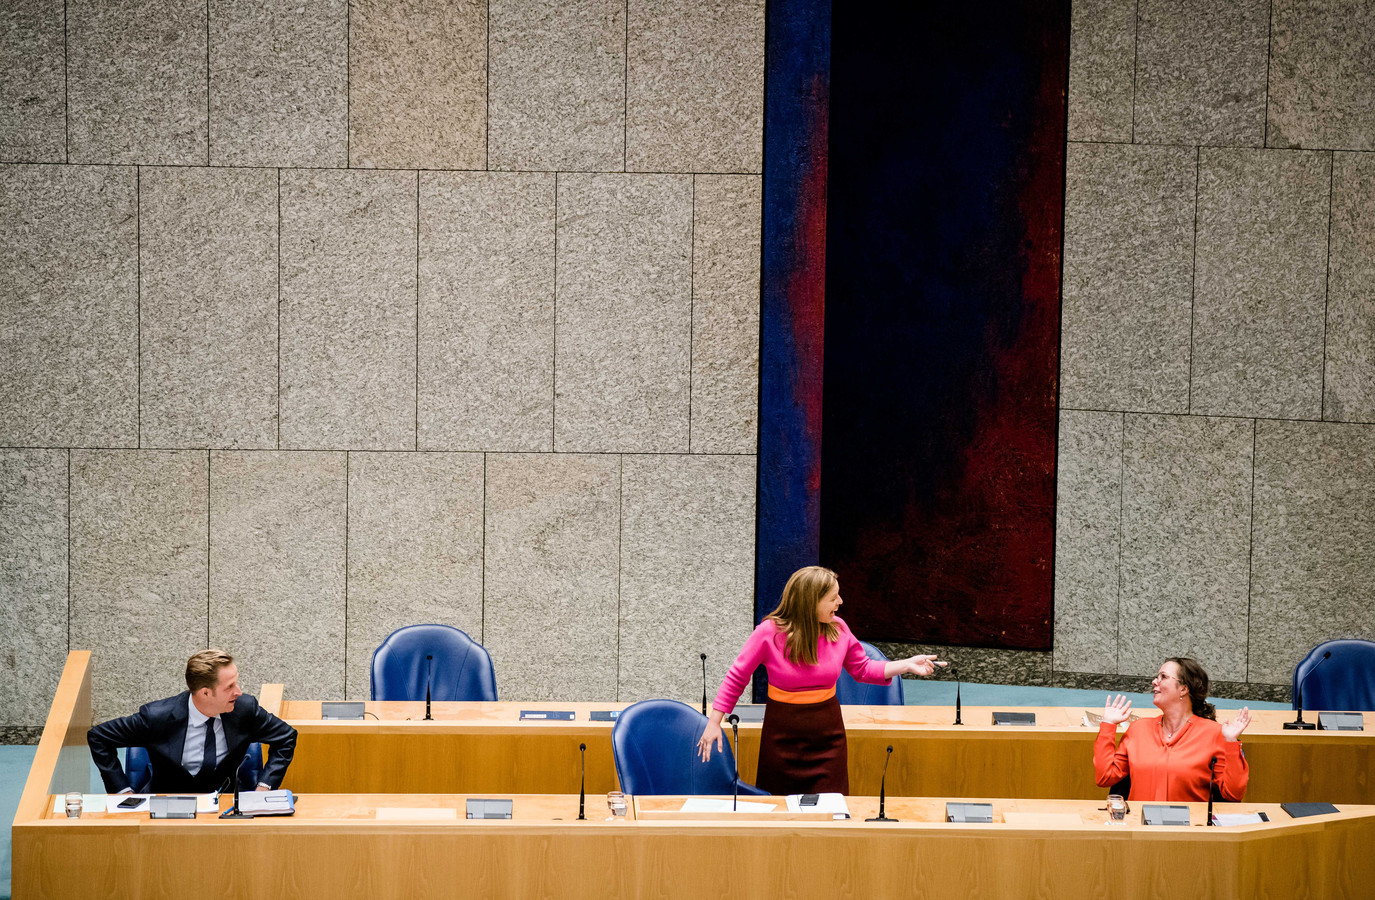 Minister Hugo de Jonge (VWS, CDA), Minister Carola Schouten (LNV, ChristenUnie) en Staatssecretaris Tamara van Ark (SZW, VVD) tijdens het debat in de Tweede Kamer over de onderzoeksresultaten over COVID-19 bij nertsen.